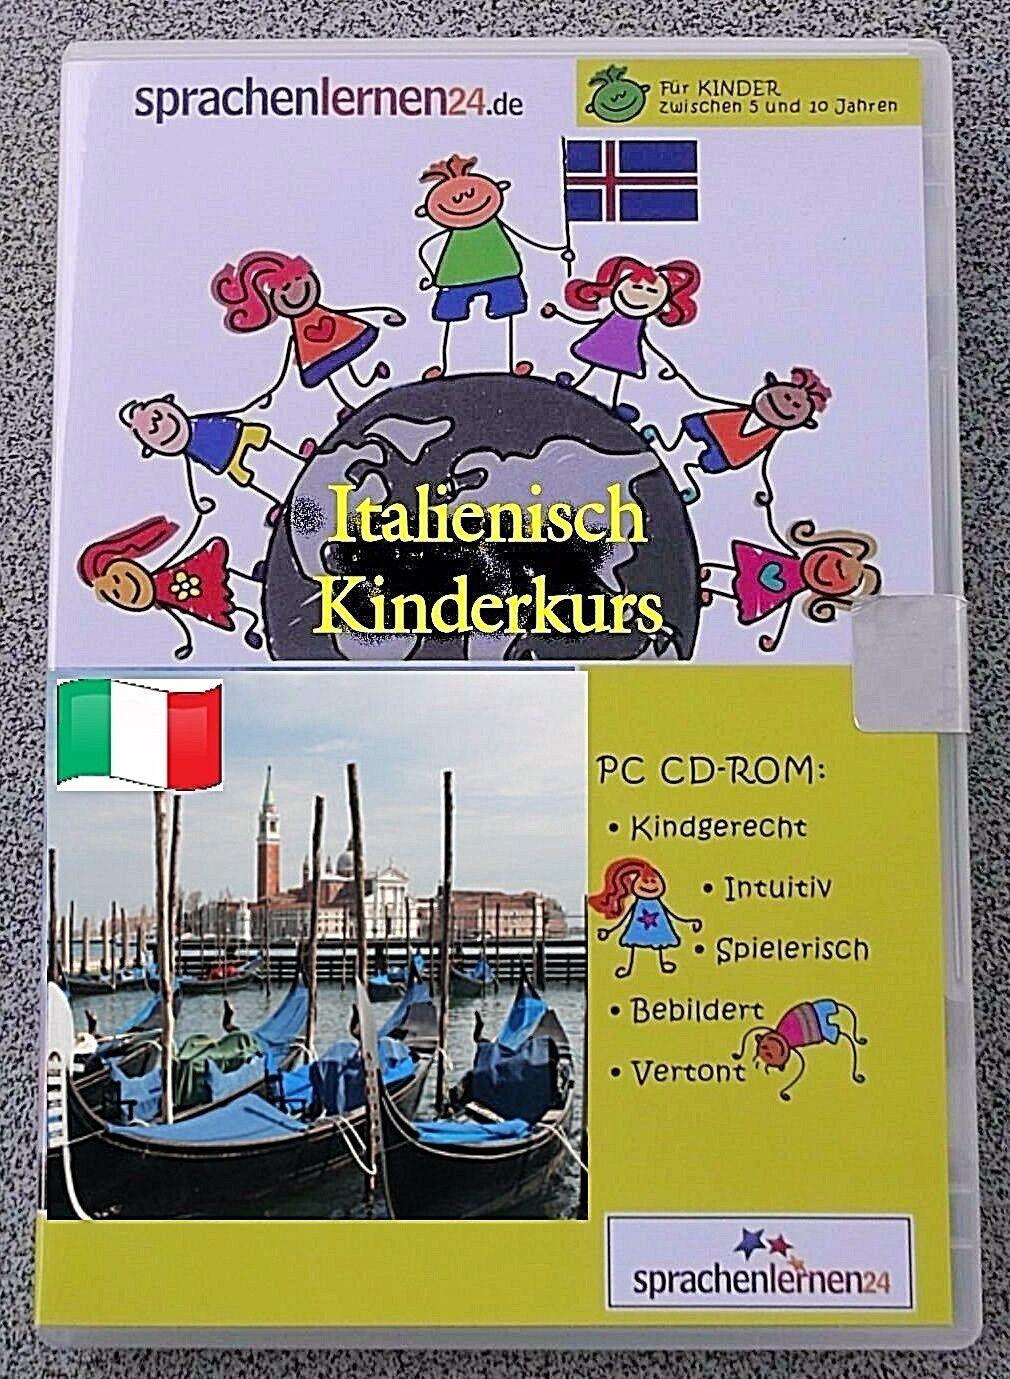 Italienisch - Kindersprachkurs Lernsoftware  ,Sprachenlernen24